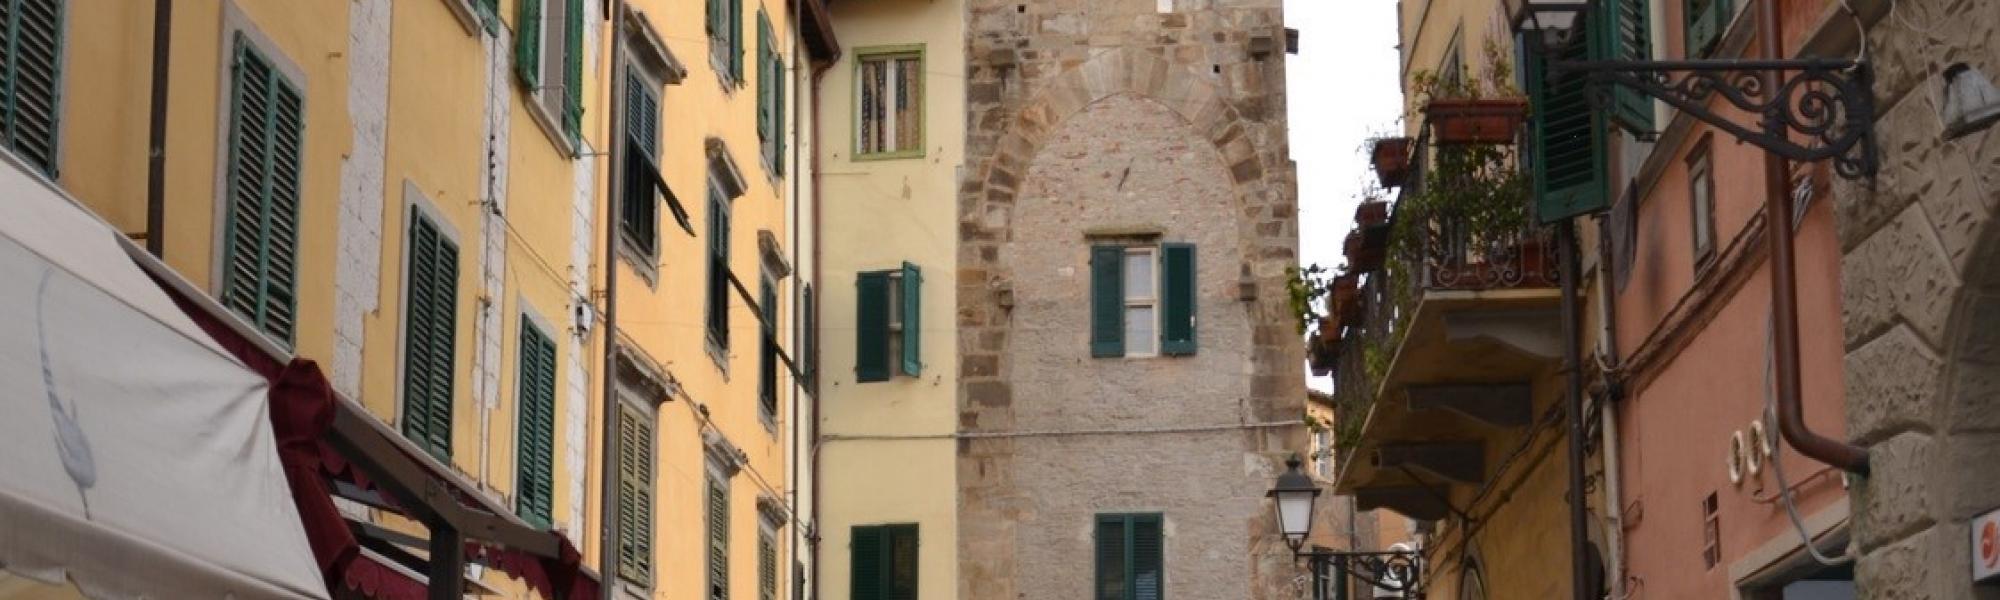 ampano - Torre del Campano e altri edifici medievali (L. Corevi, Comune di Pisa)